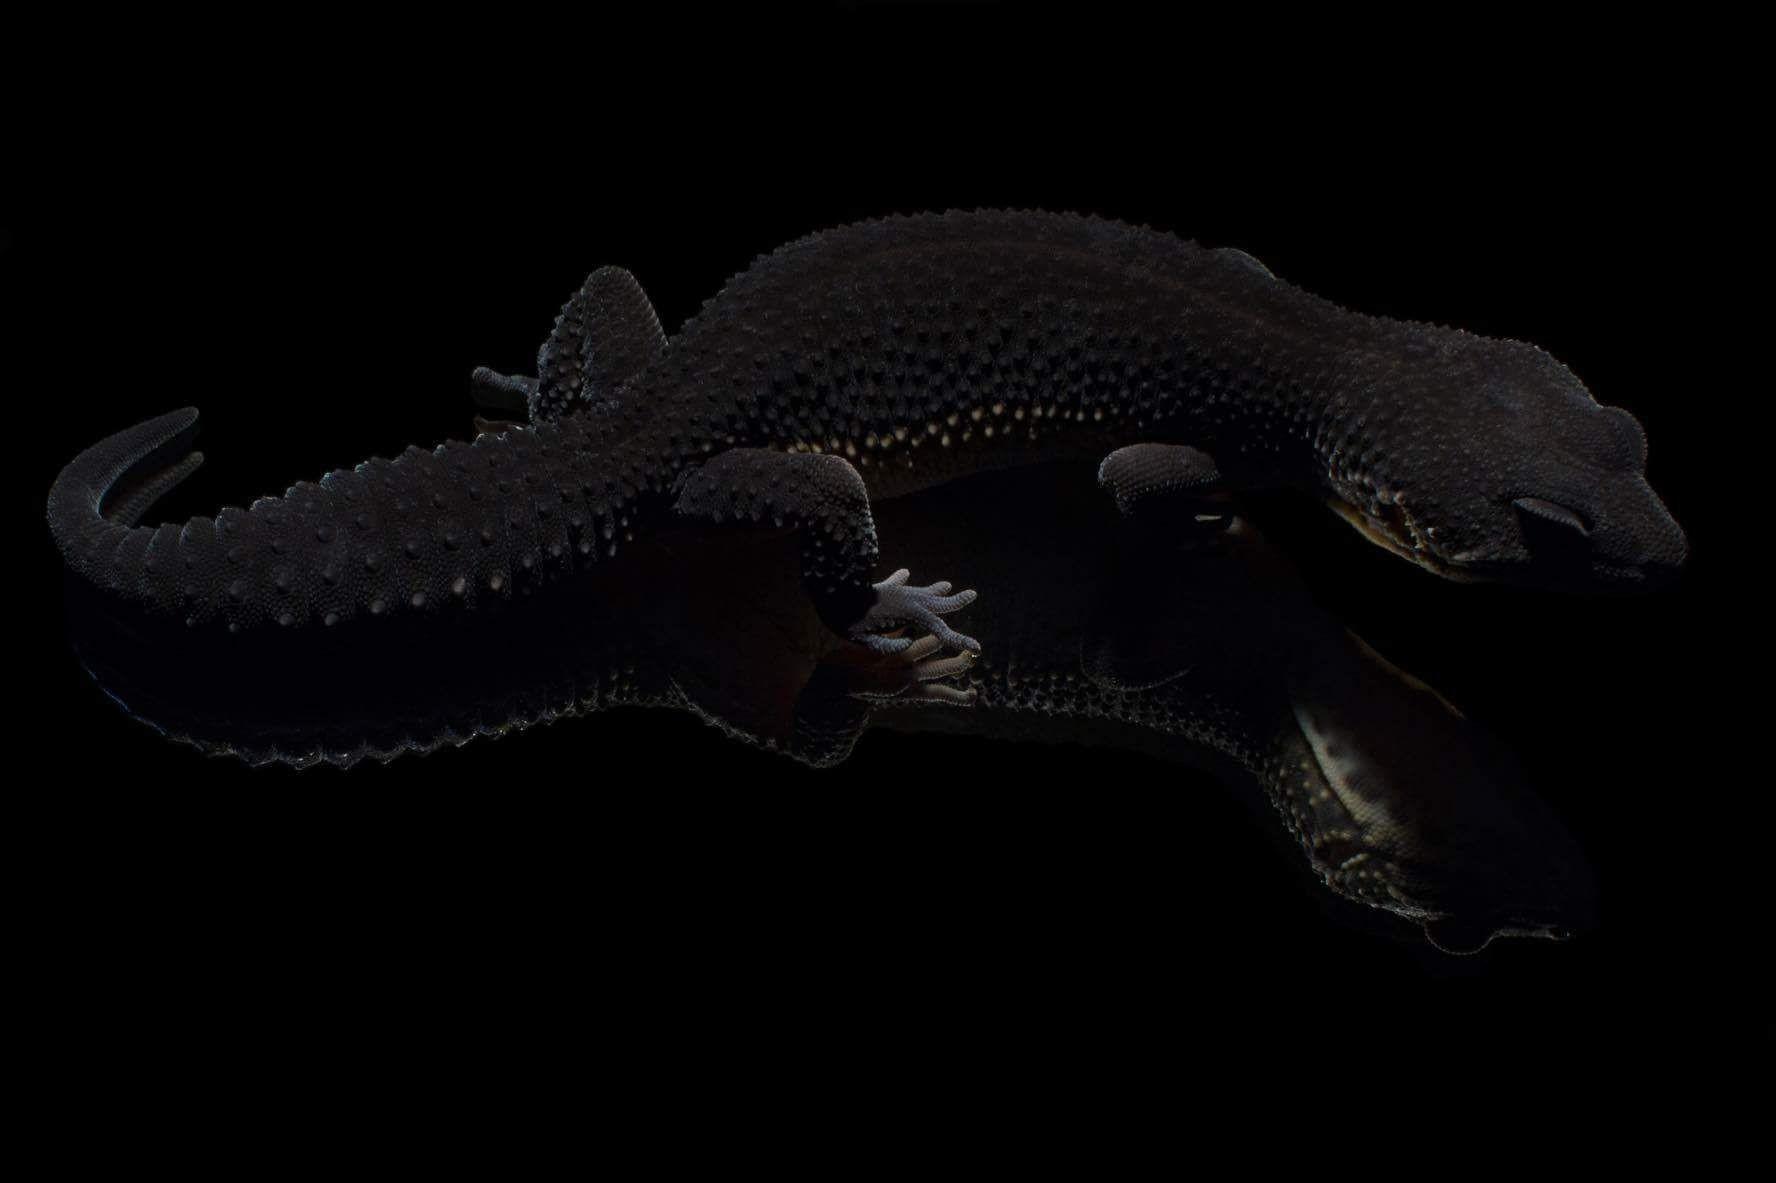 """Fallstudie1/3: Kennst Du die """"Black Nights""""? Sie sind eine schwarze Farbform der Leopardgeckos. Ferry Zuurmond hat 15 Jahre mit dunklen Tieren gezüchtet und die Nachzuchten erst angeboten, als sie das gewünschte Zuchtziel hatten."""